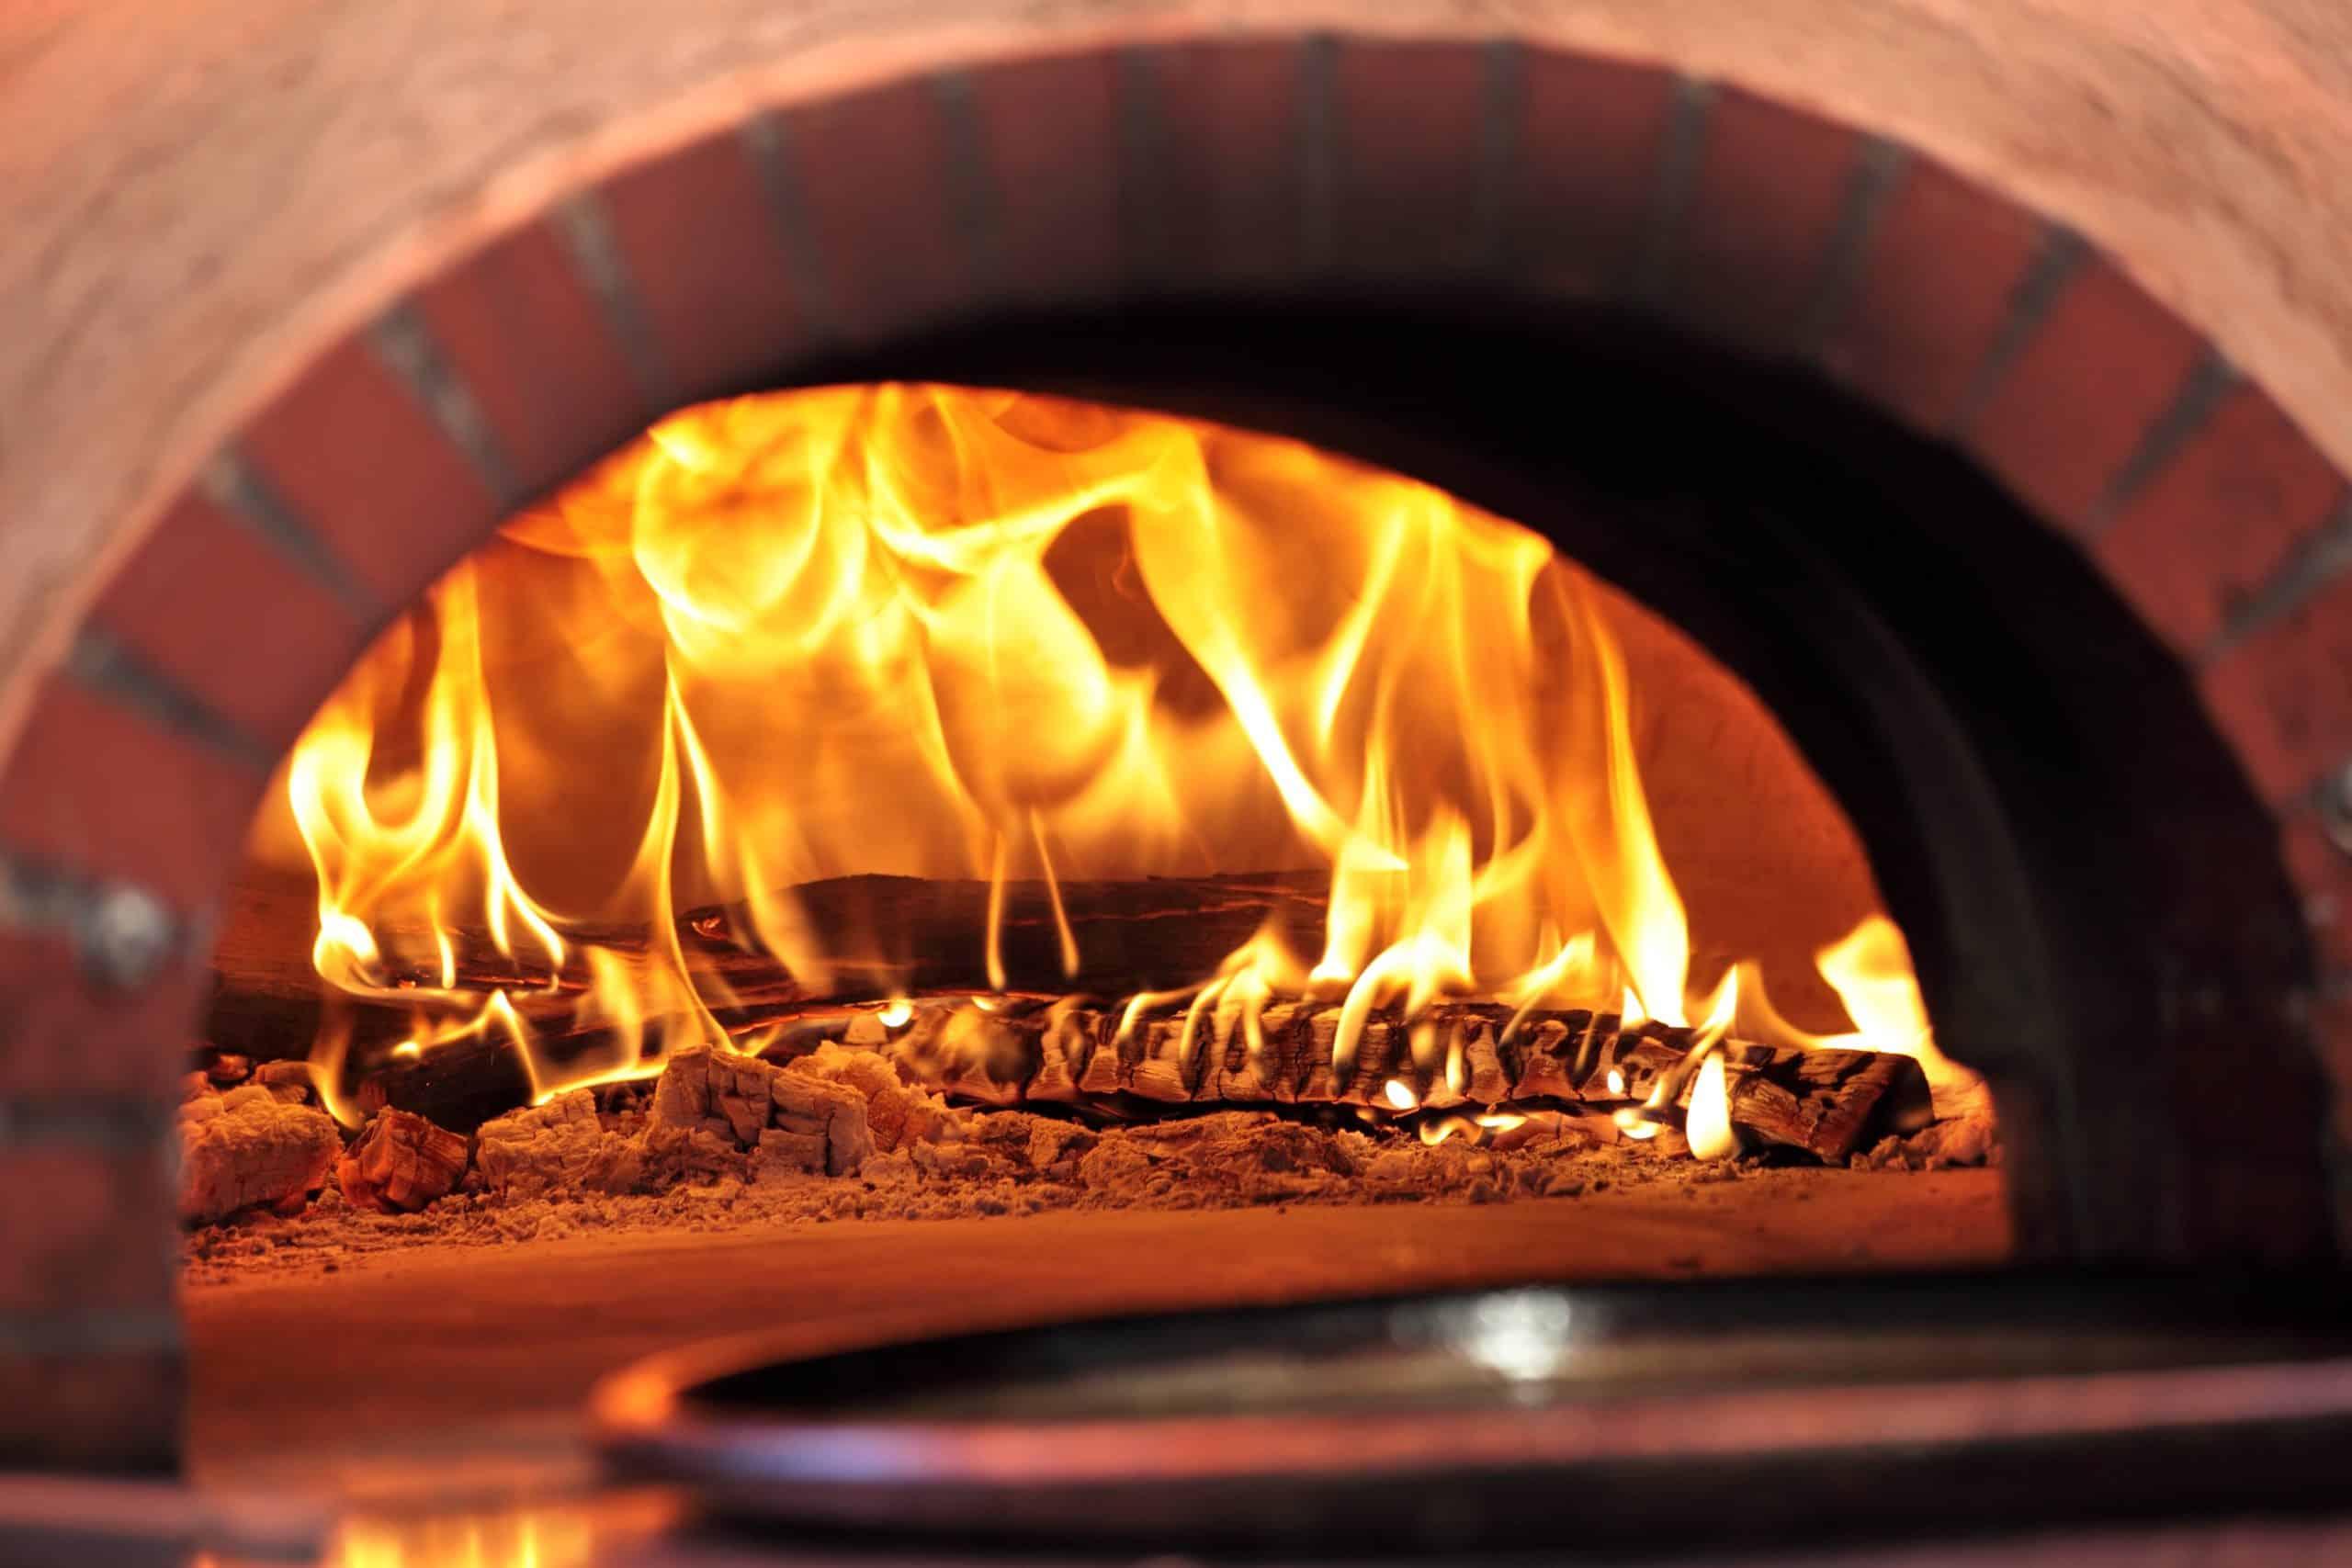 Atividade especial por exposição ao calor: como funciona?